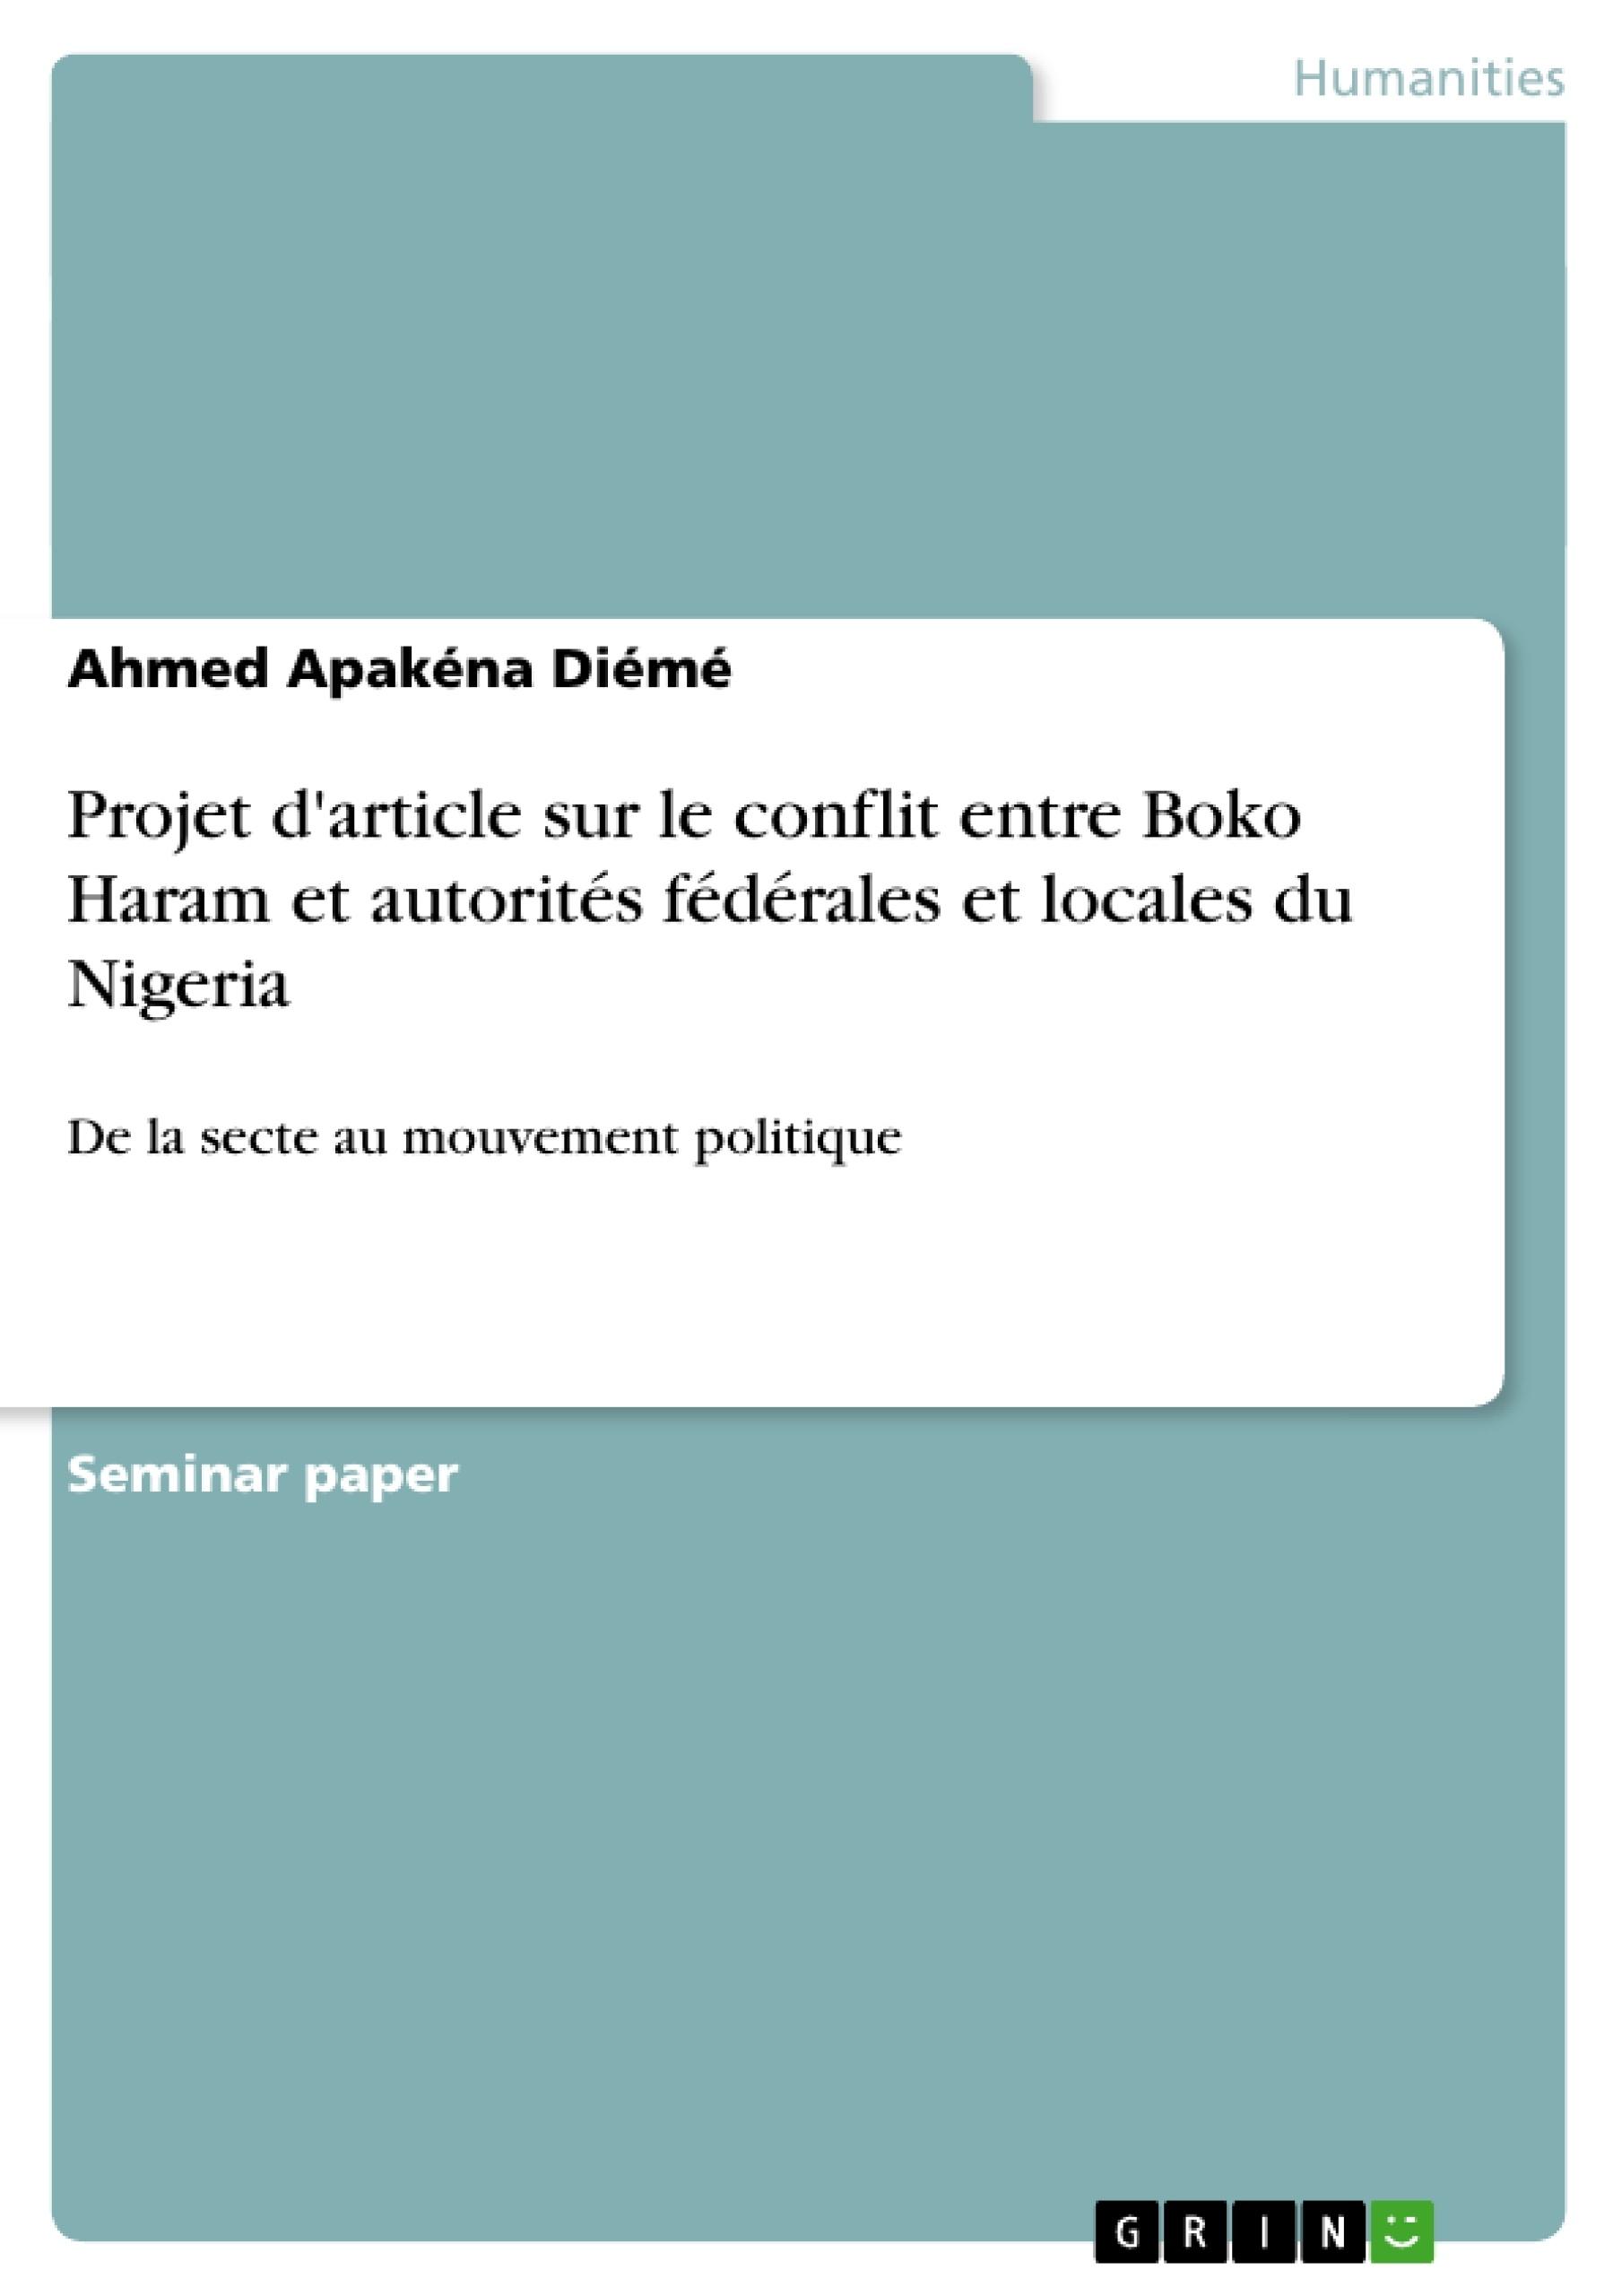 Titre: Projet d'article sur le conflit entre Boko Haram et autorités fédérales et locales du Nigeria